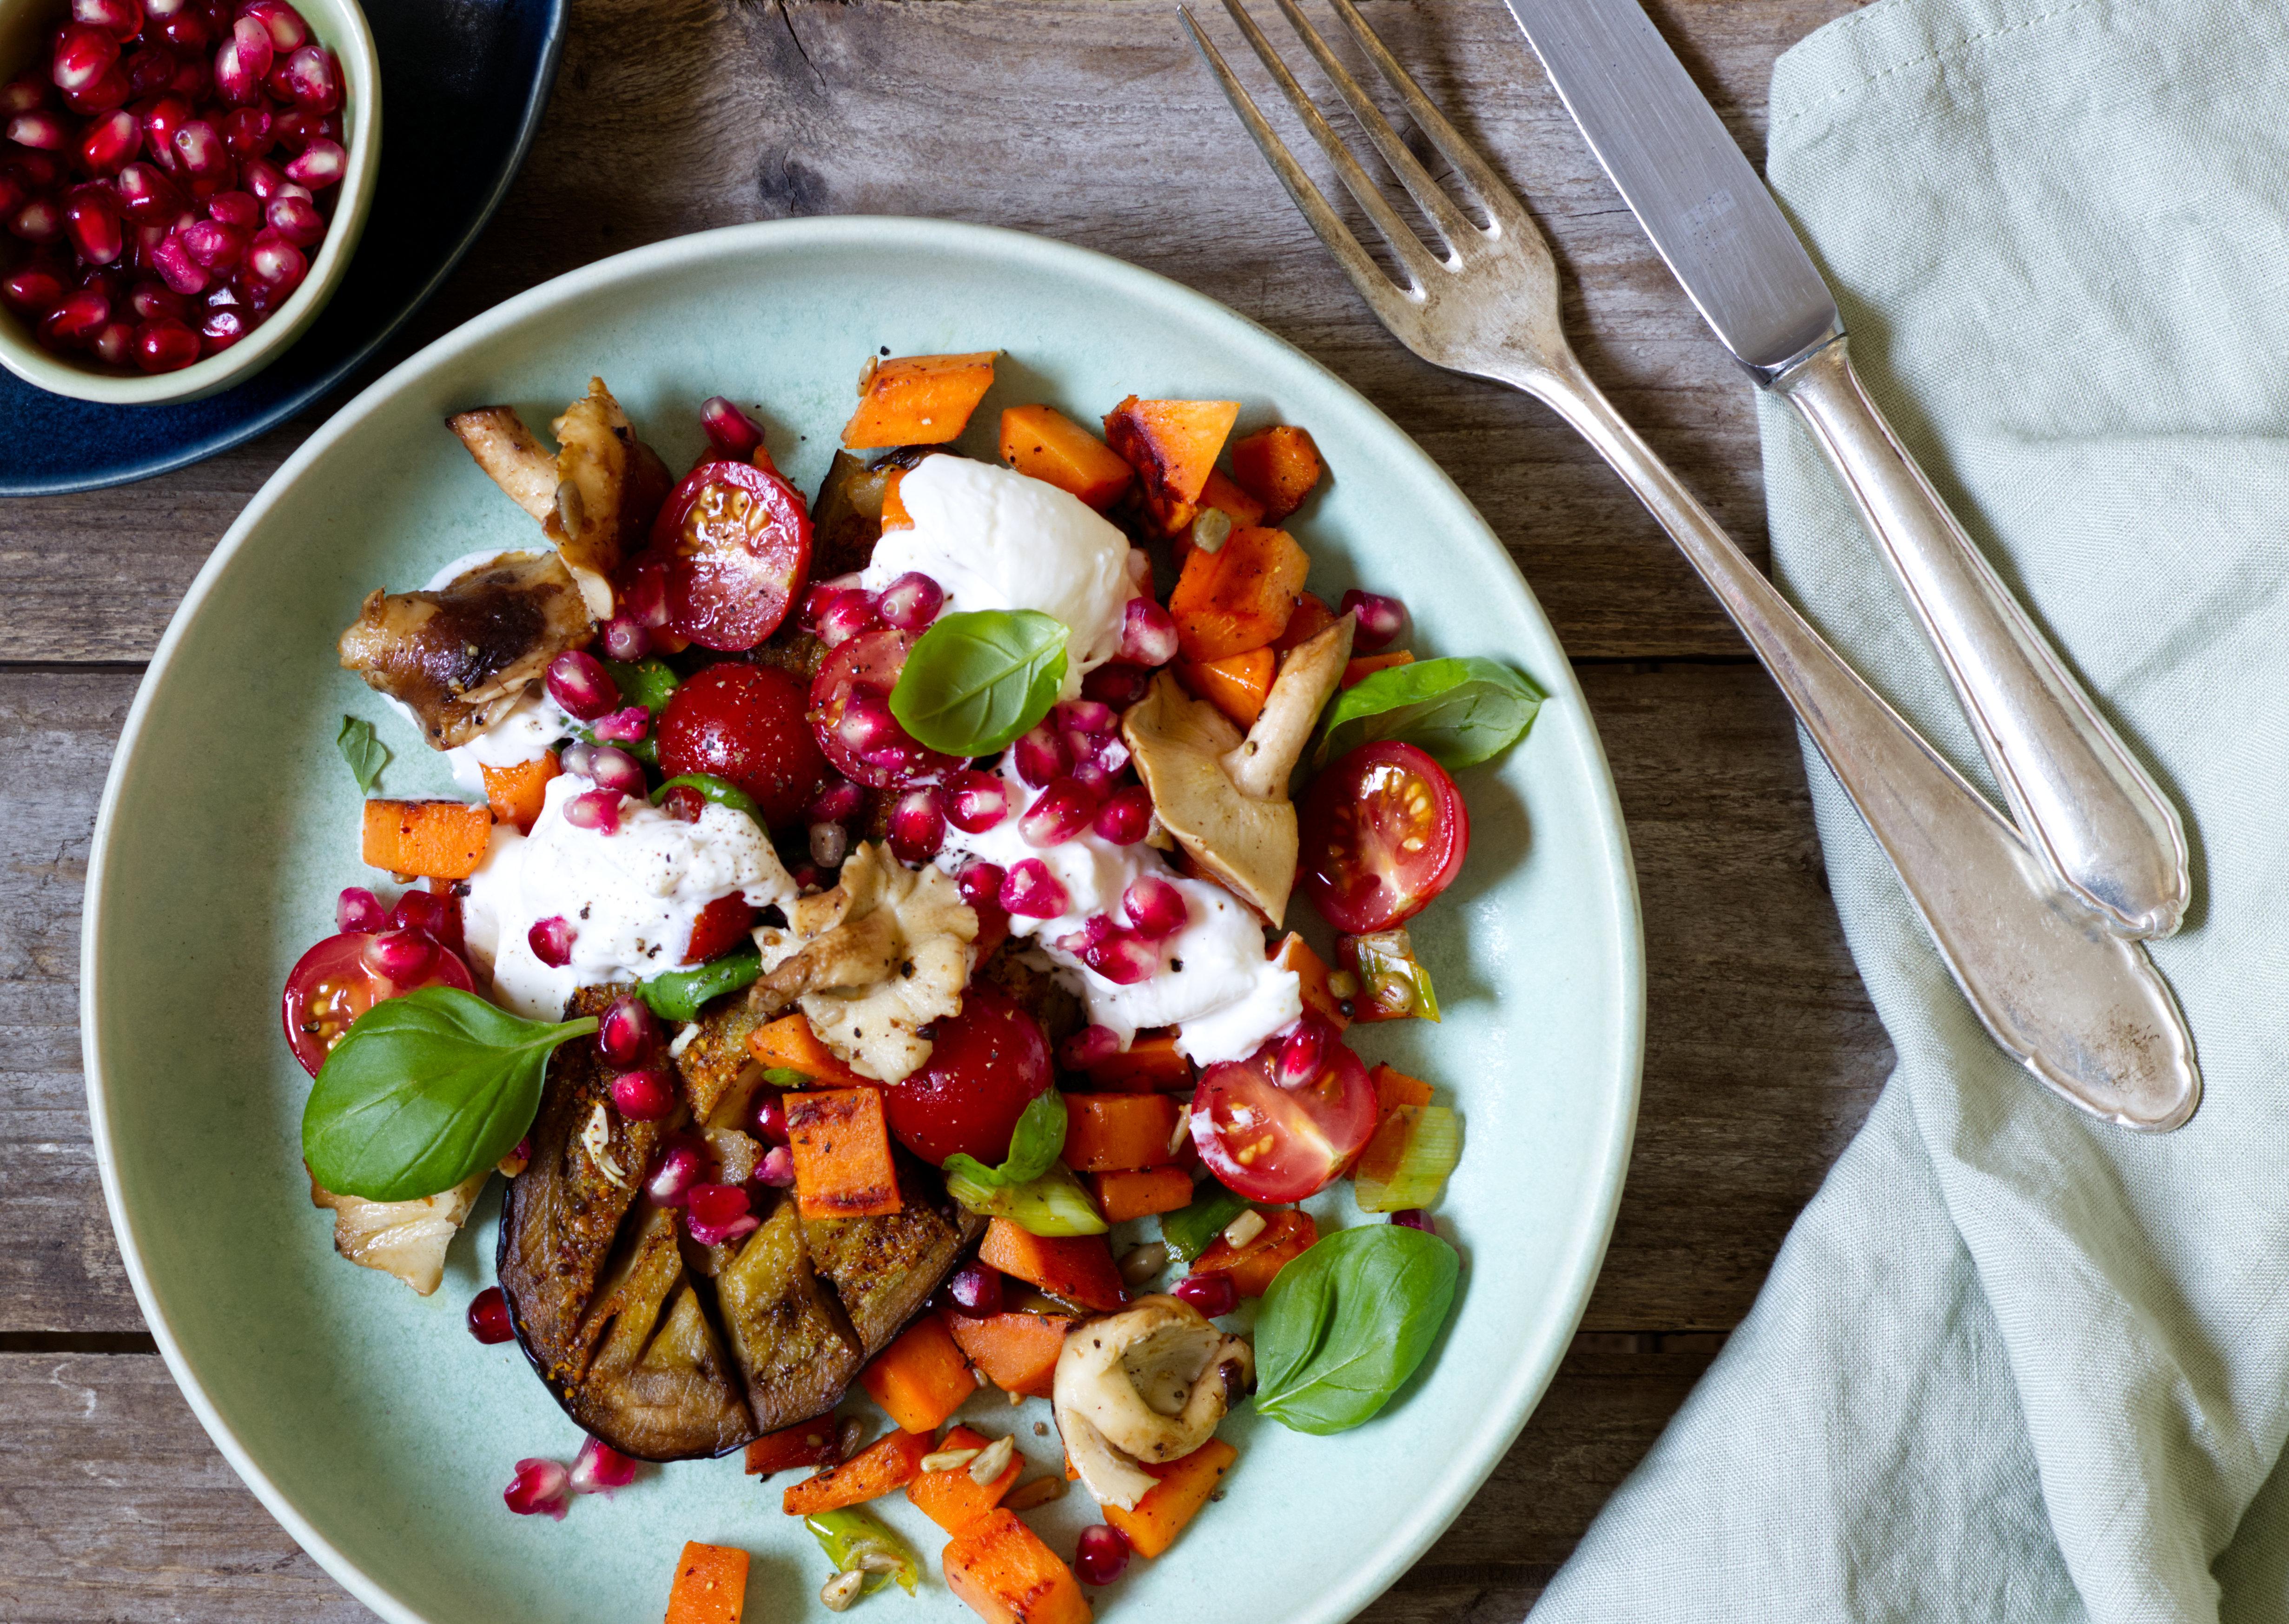 Gebackene Aubergine mit Süßkartoffel, Shiitakepilze und Burrata